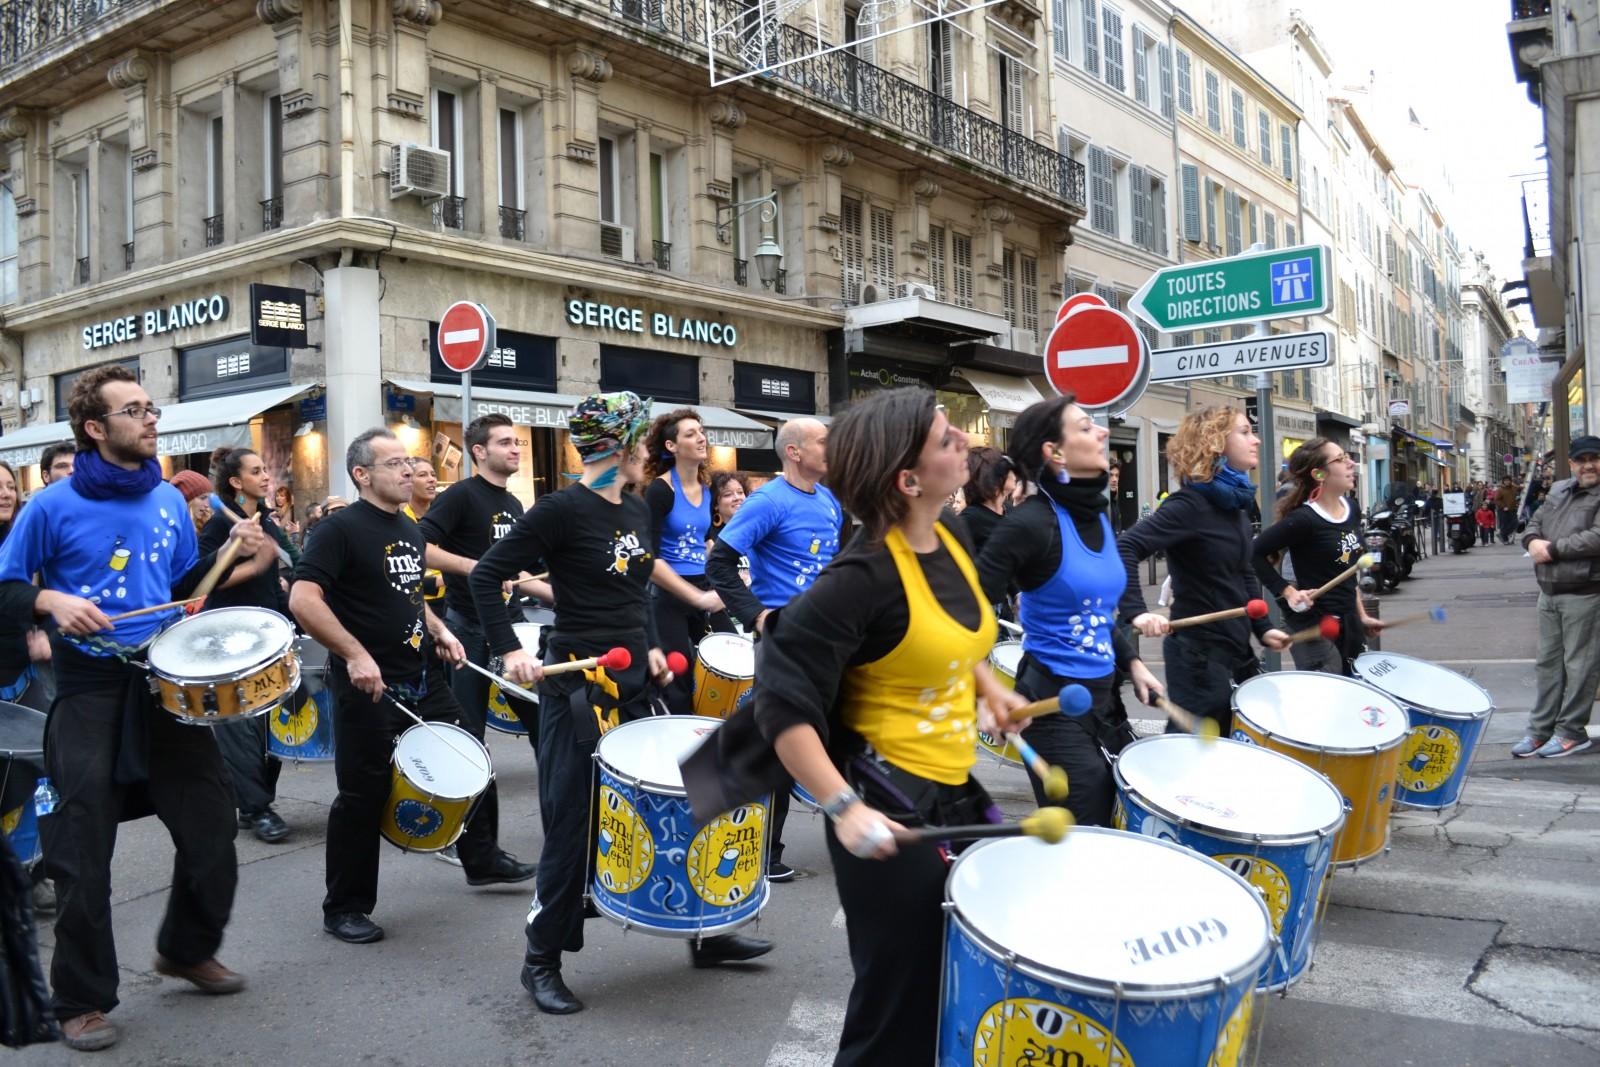 Manifestation pour le mariage pour tous, samedi 19 janvier 2013 à Marseille. ©MD